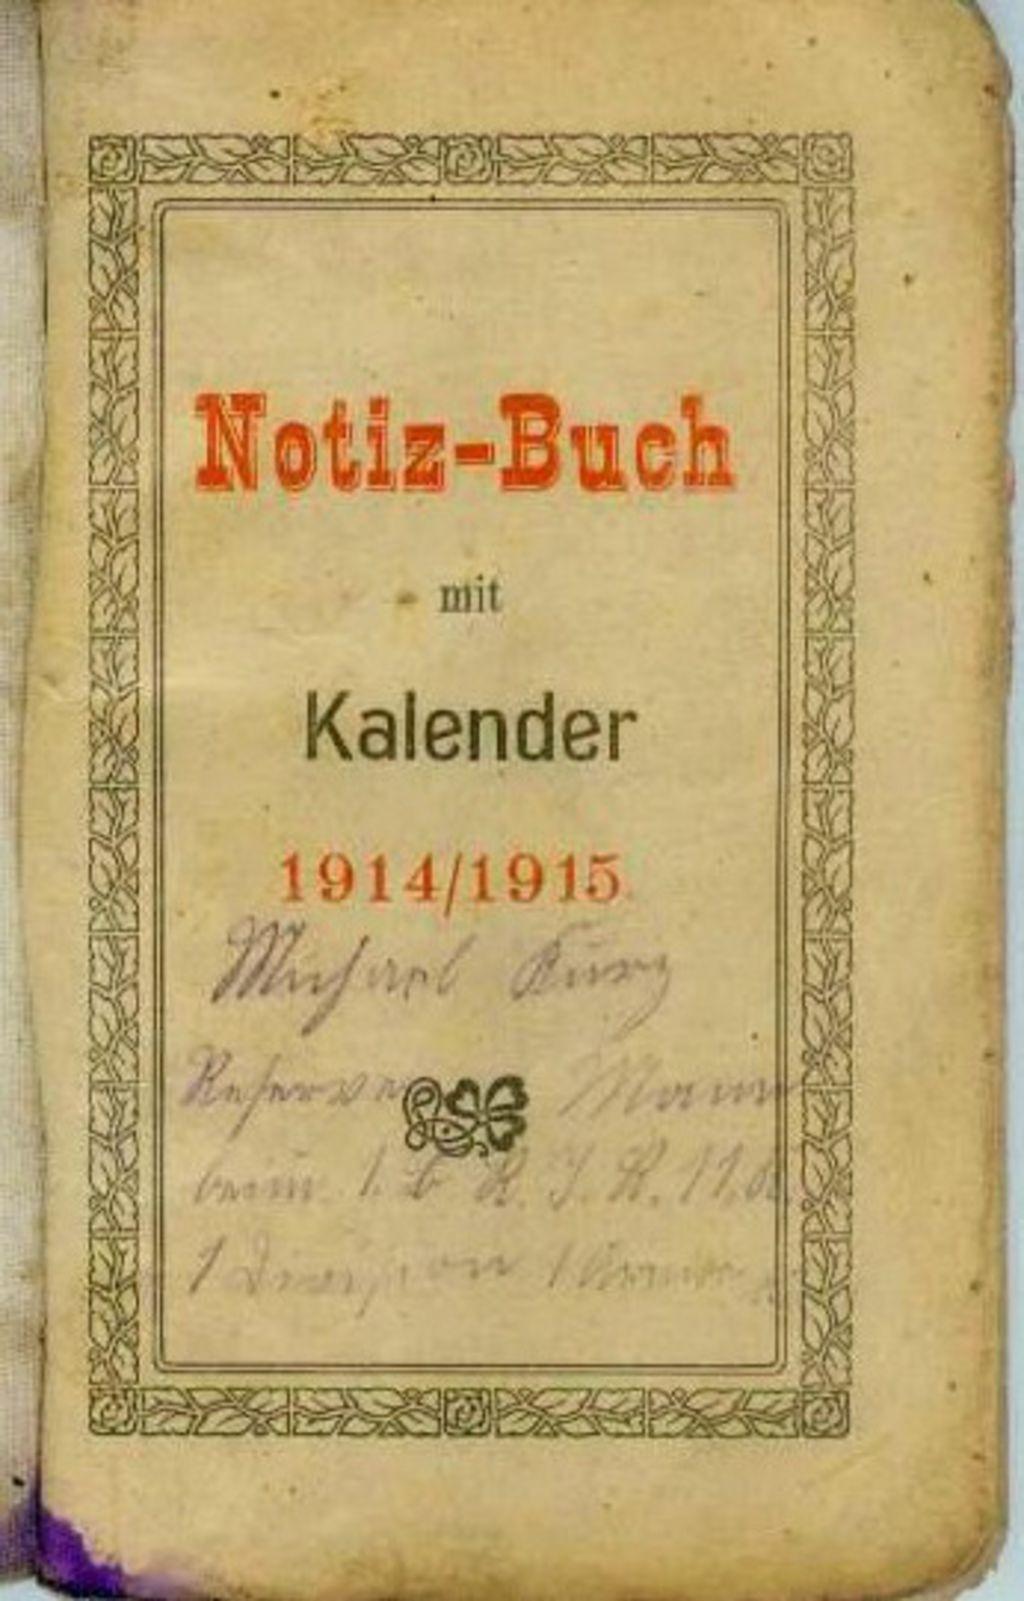 verfolgung zeugen jehovas marianne büchner